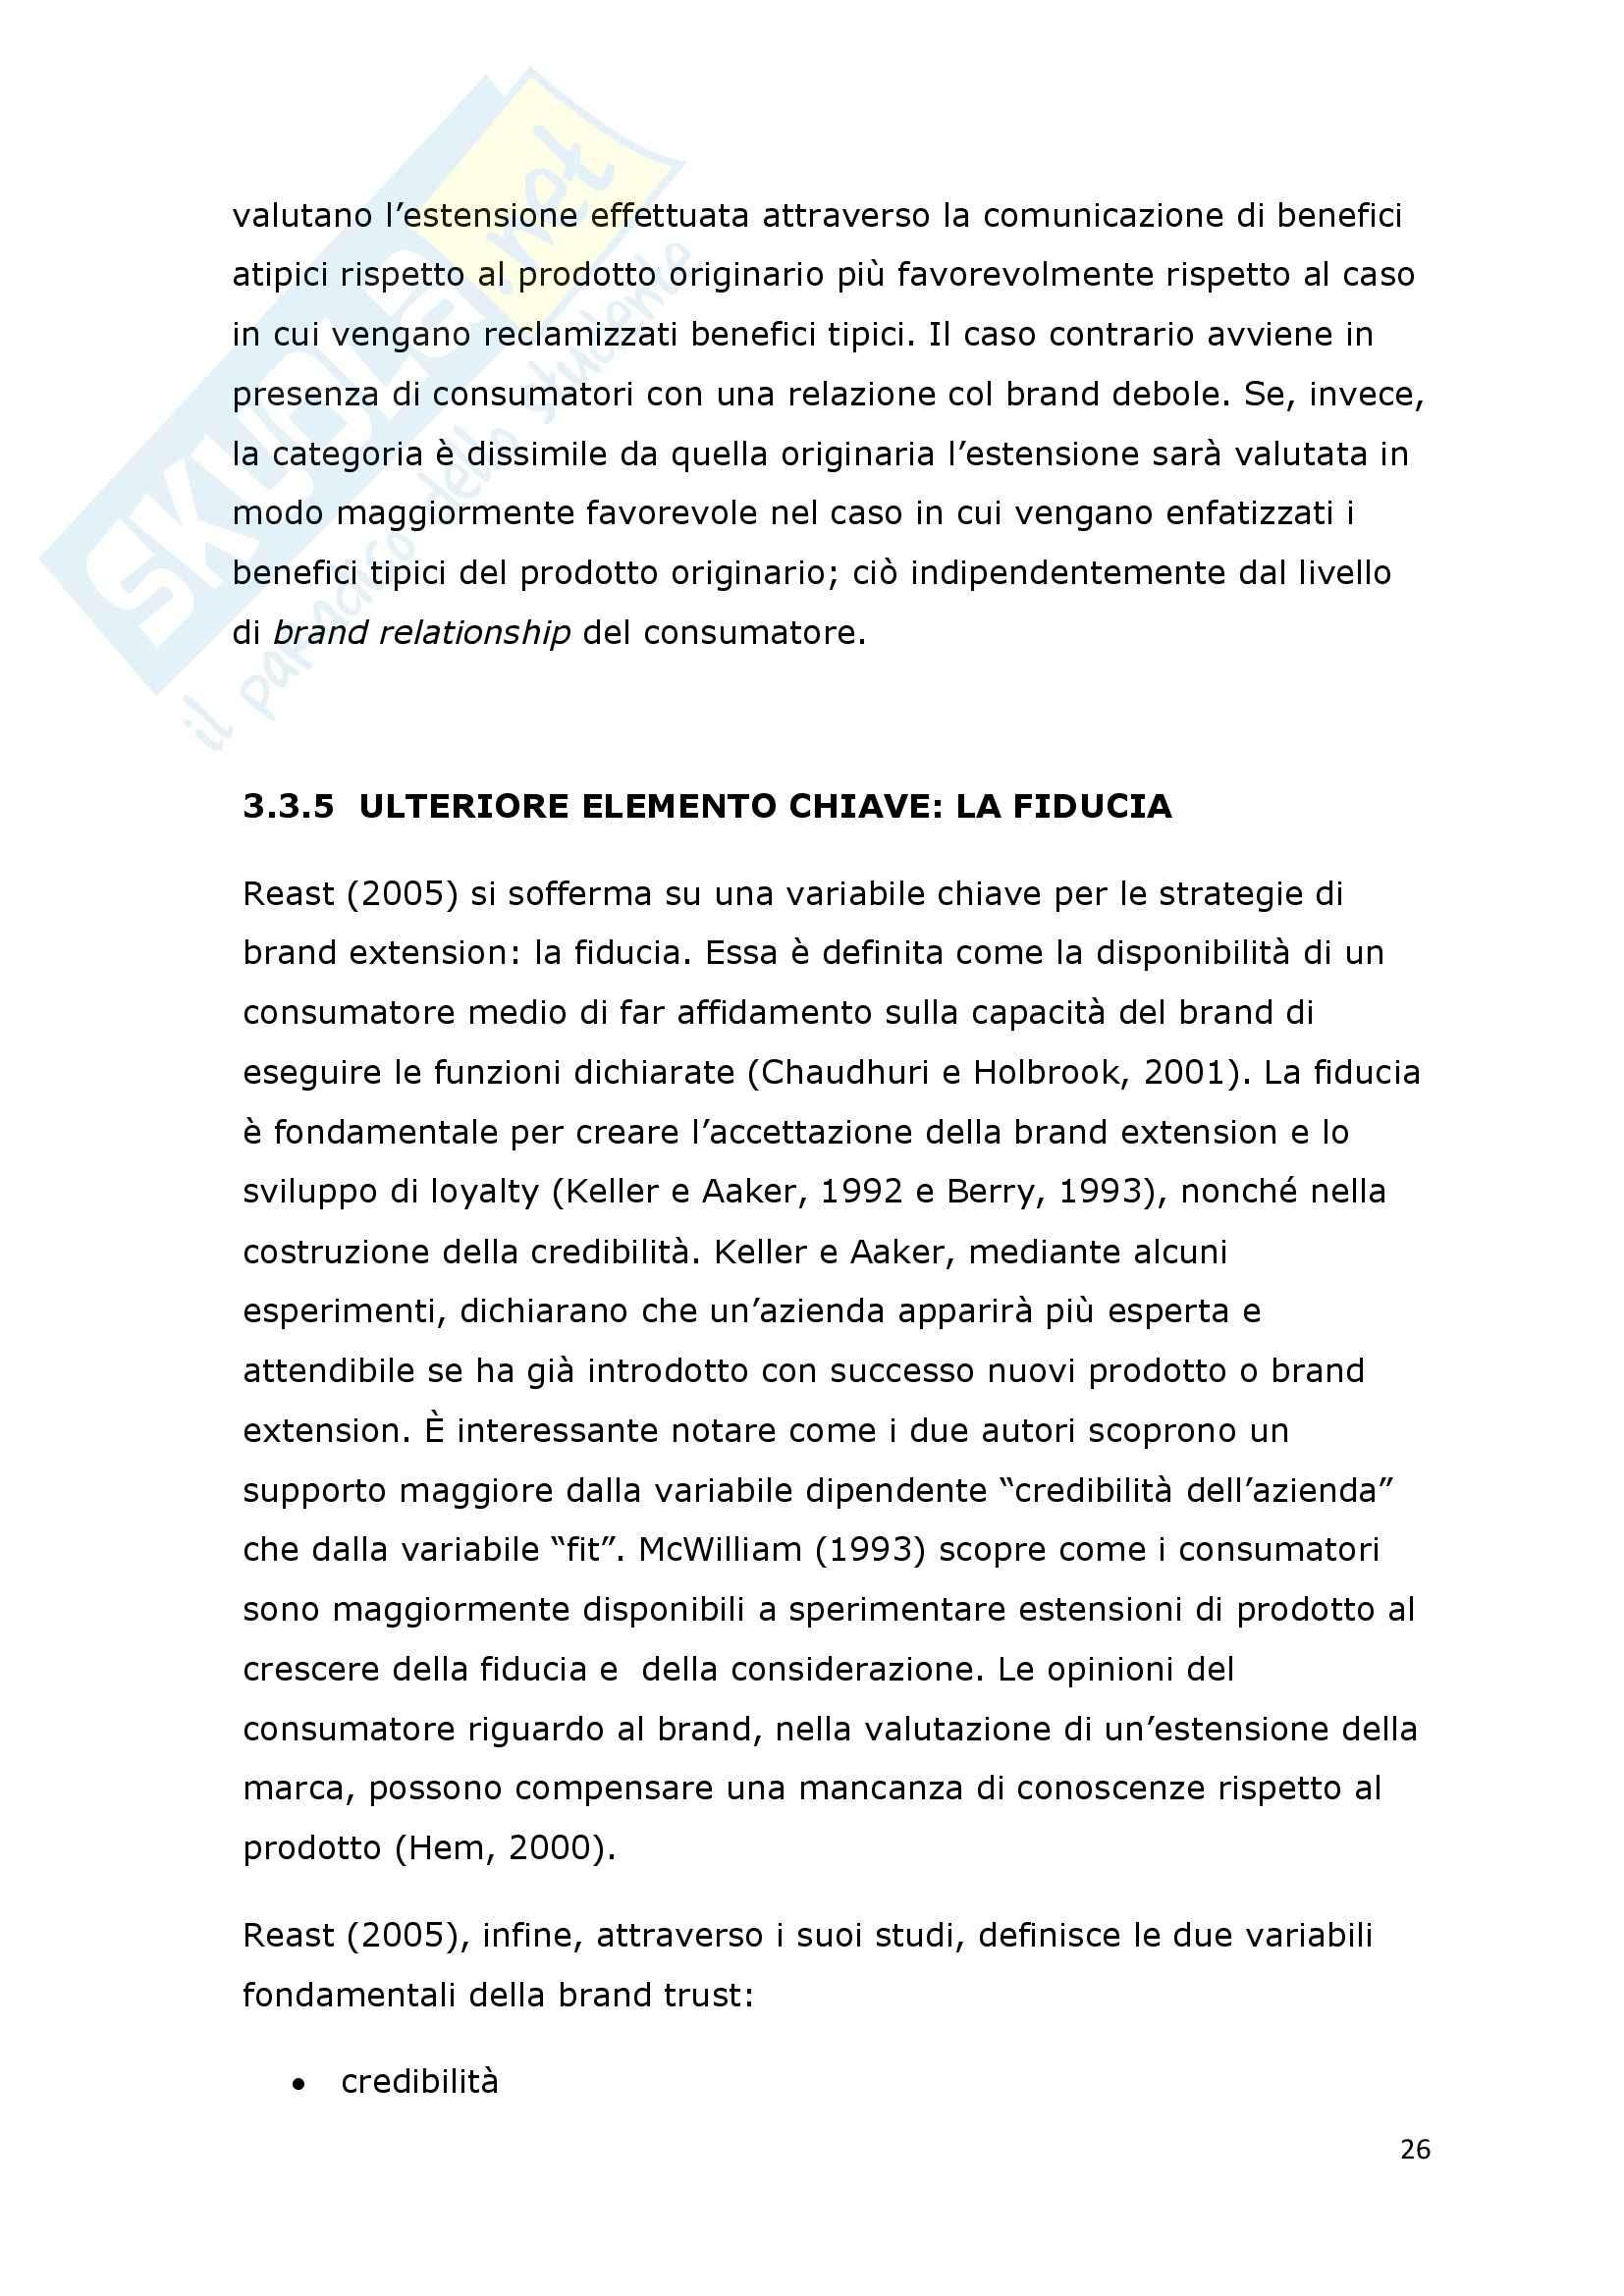 Tesi - I fattori di successo della brand extension: il ruolo del brand to category fit – il caso Callipo Pag. 26